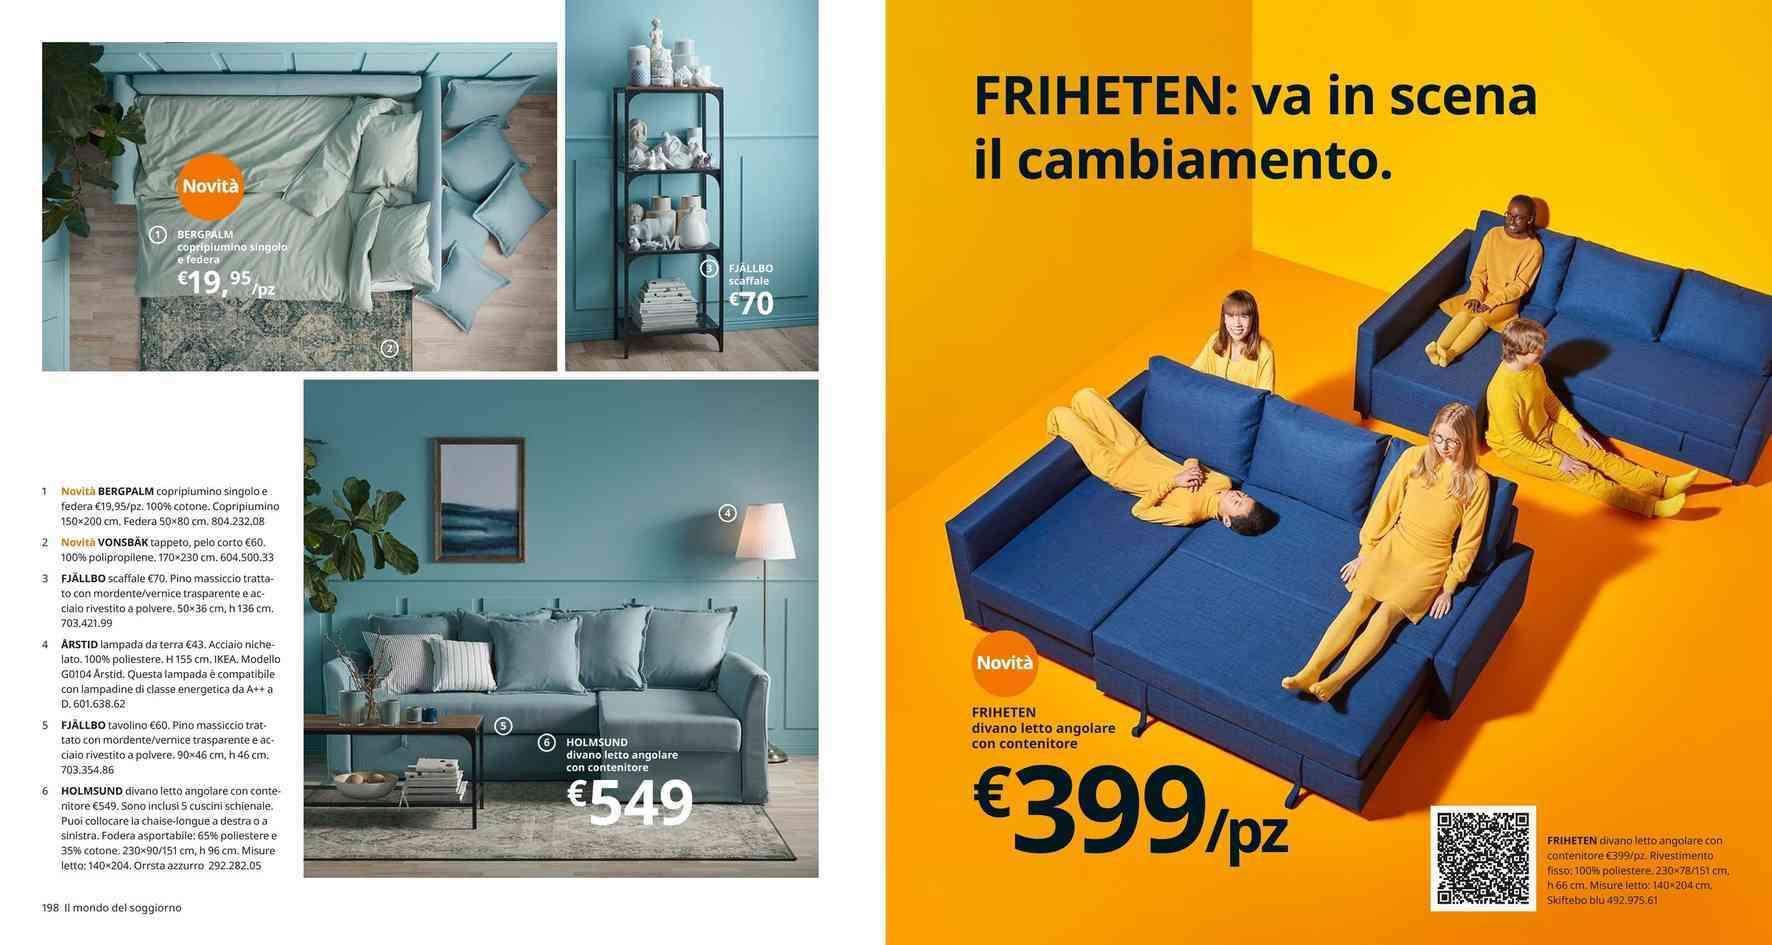 Divano Letto Ikea 99 Euro.Offerte Divani Angolari Negozi Per Arredare Casa Promoqui